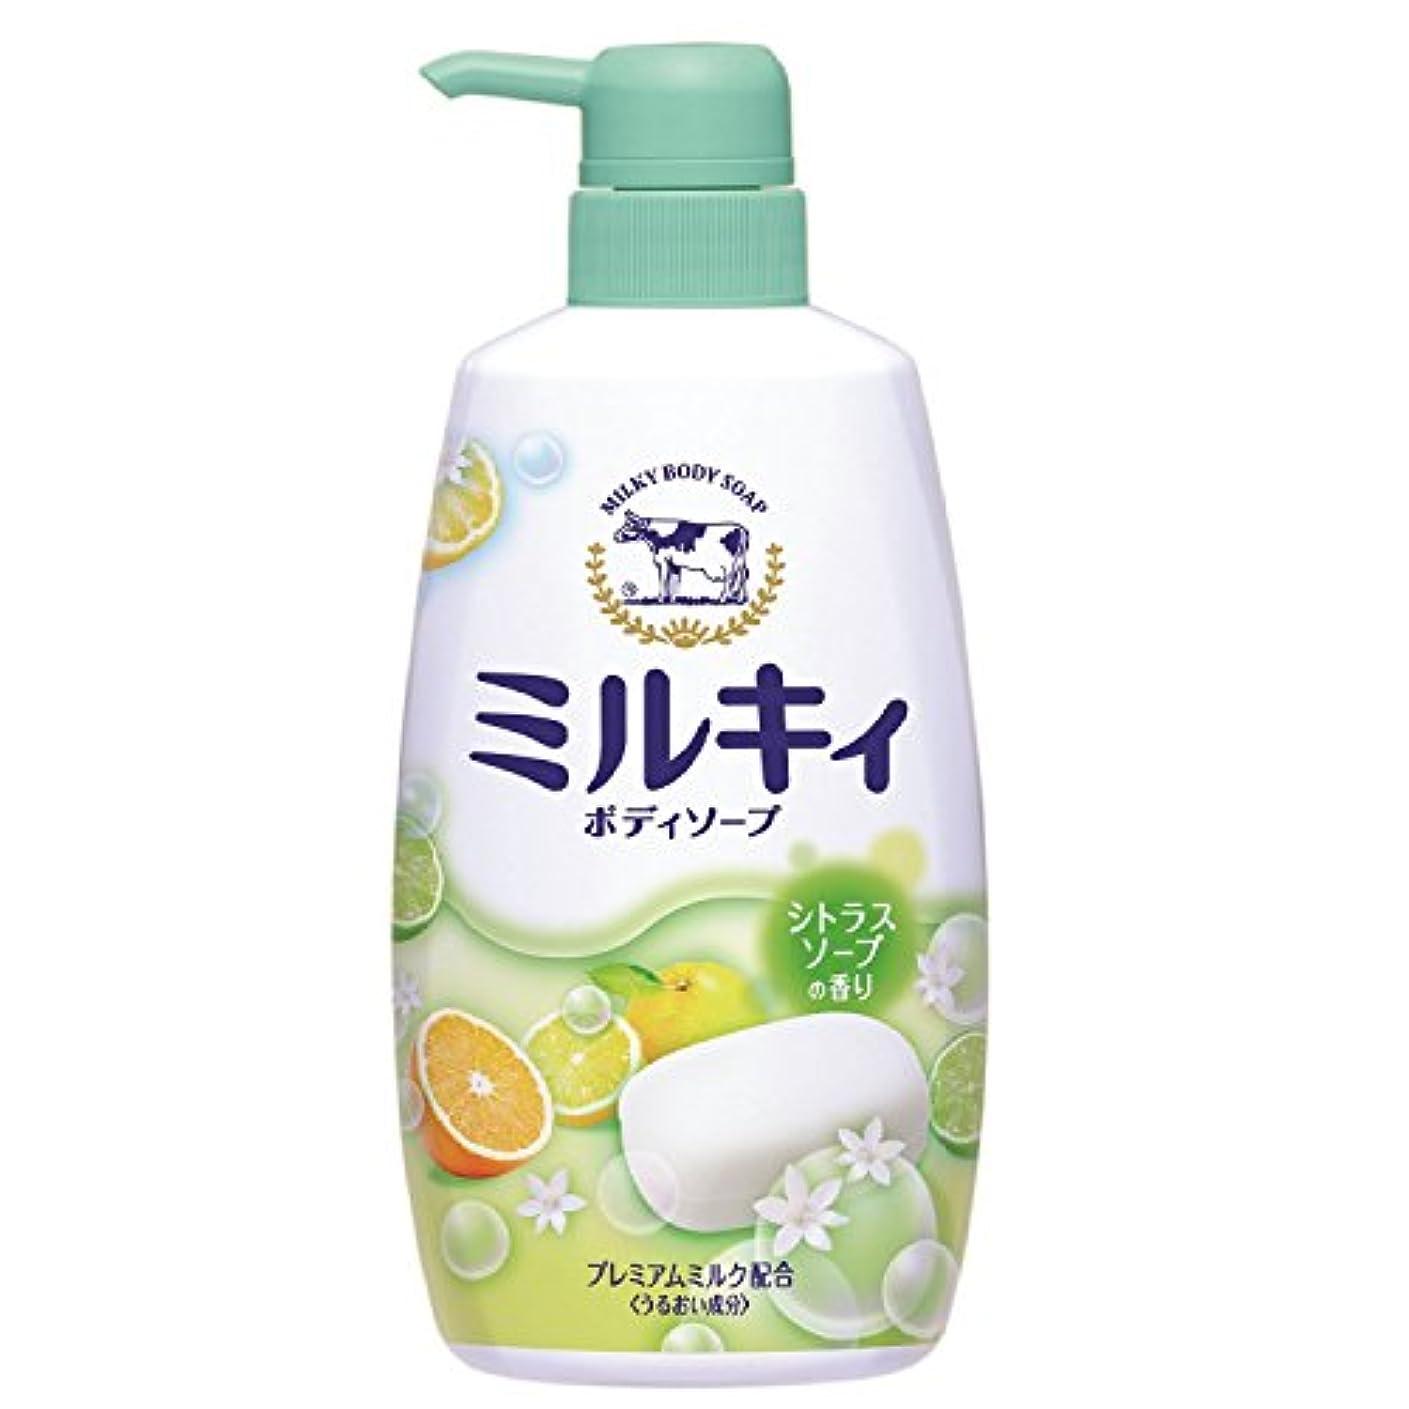 雰囲気シャワー笑ミルキィボディソープシトラスソープの香り ポンプ  550mL